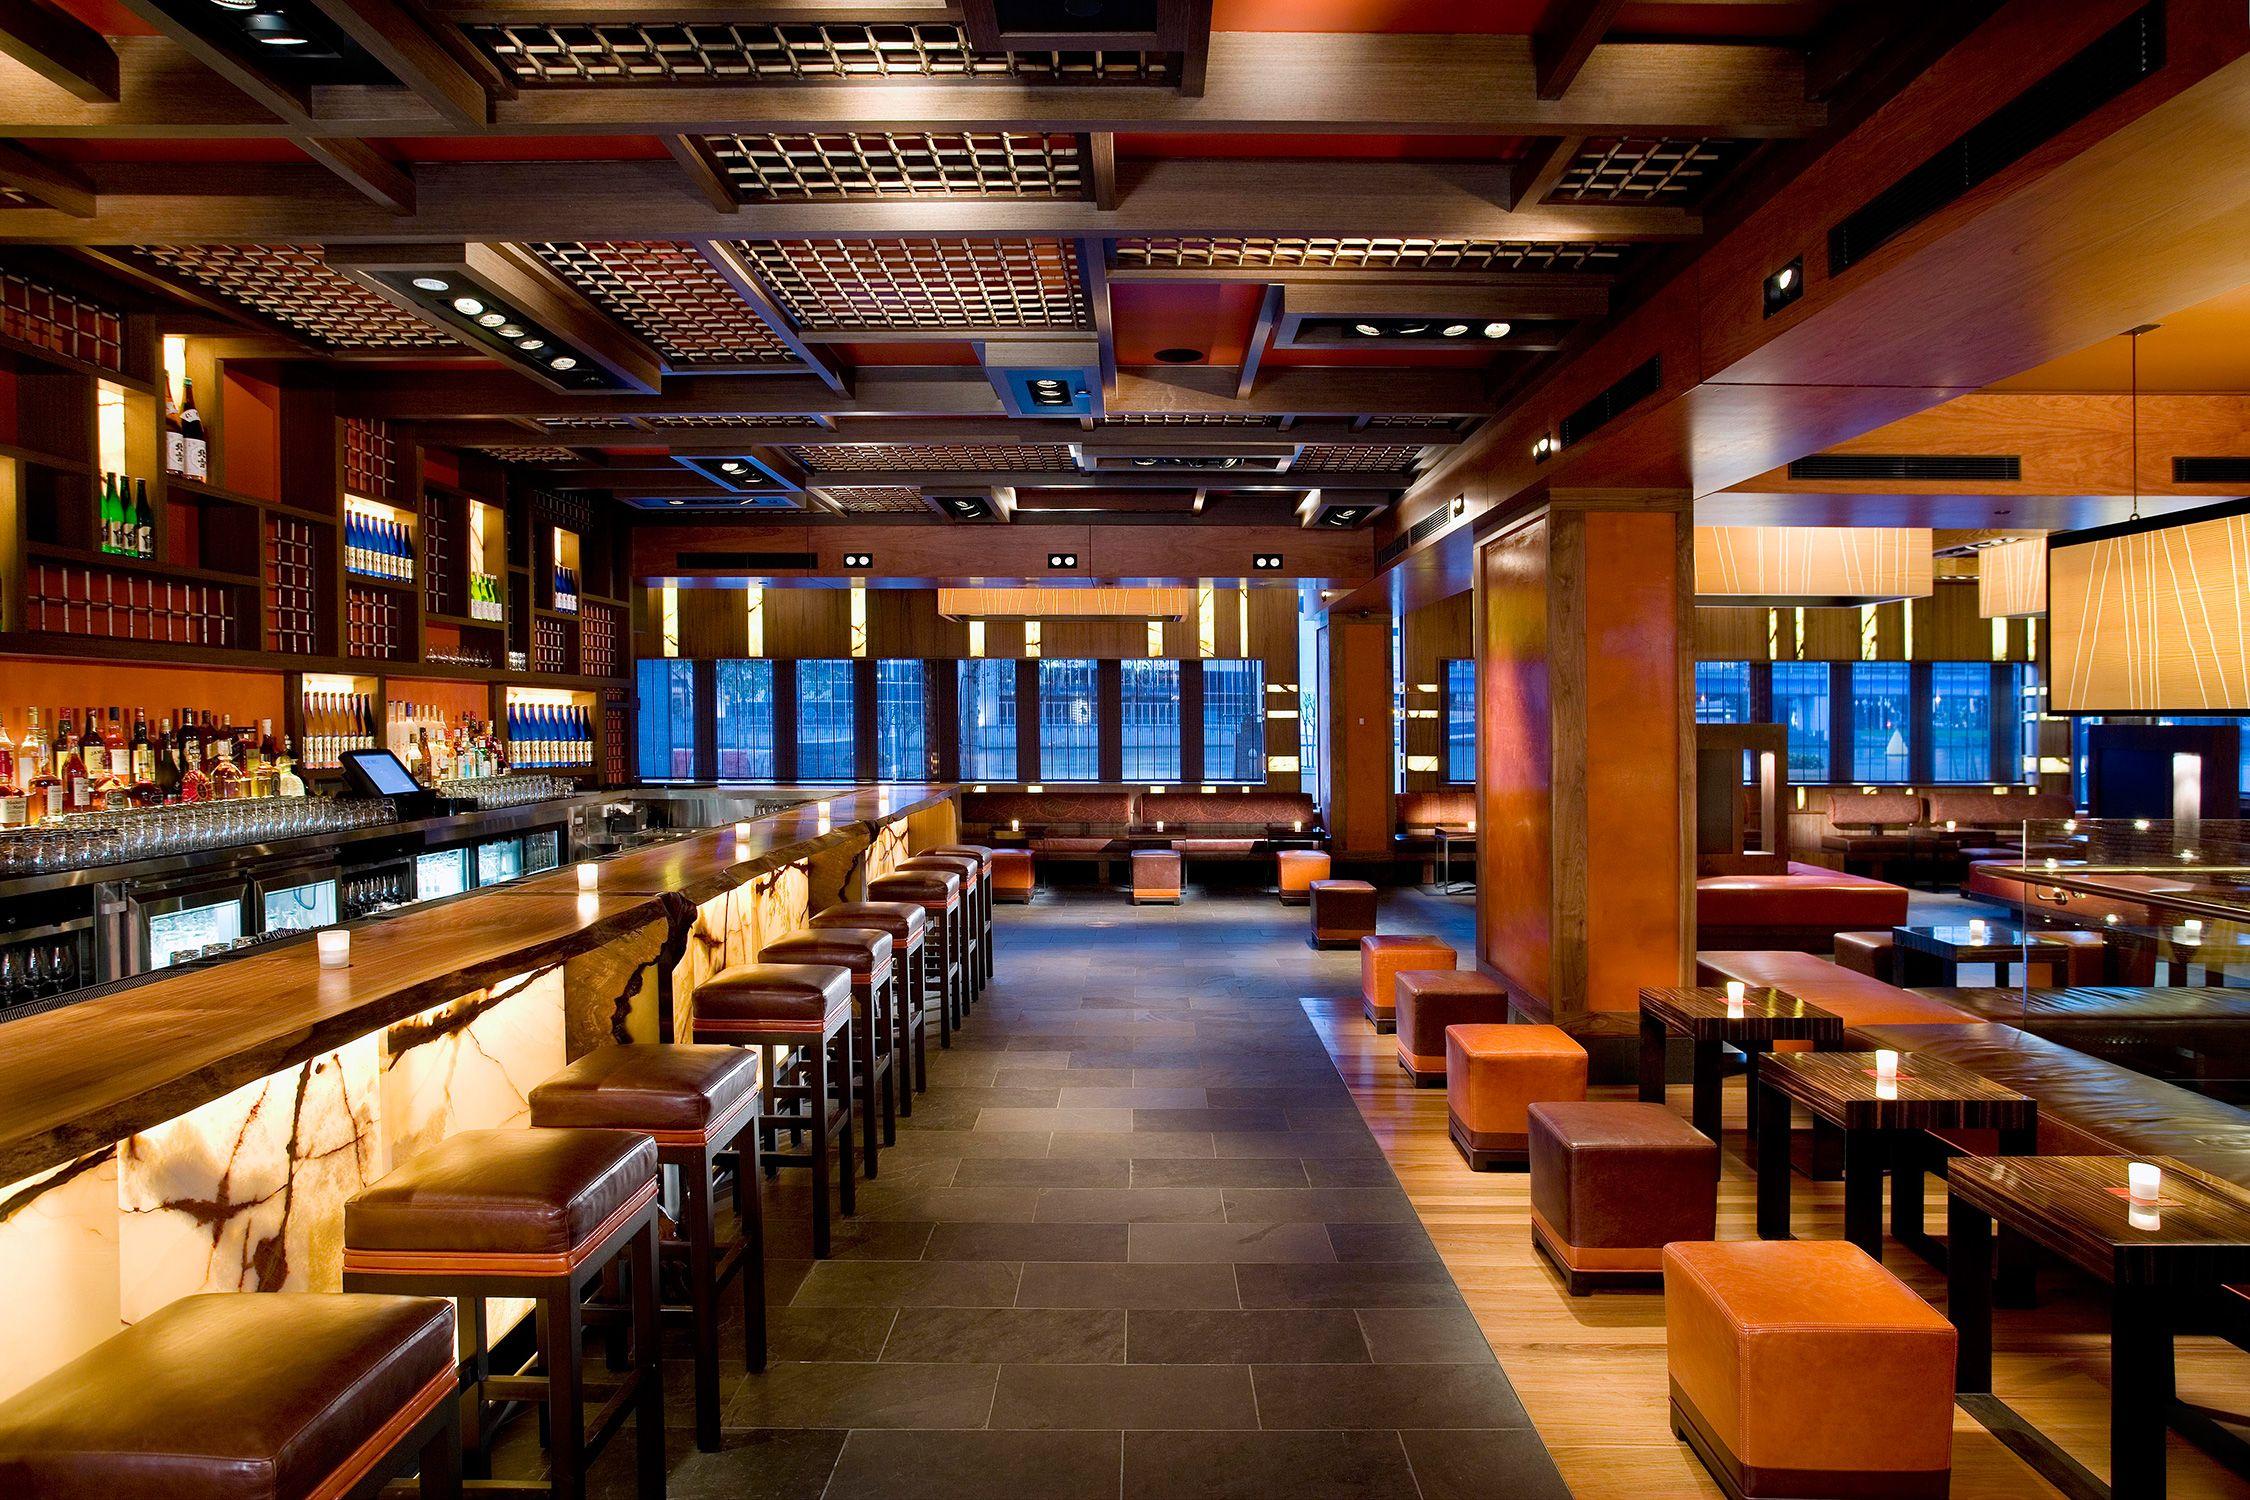 Gallery Nobu Restaurants Dining Space And Beyond Nobu